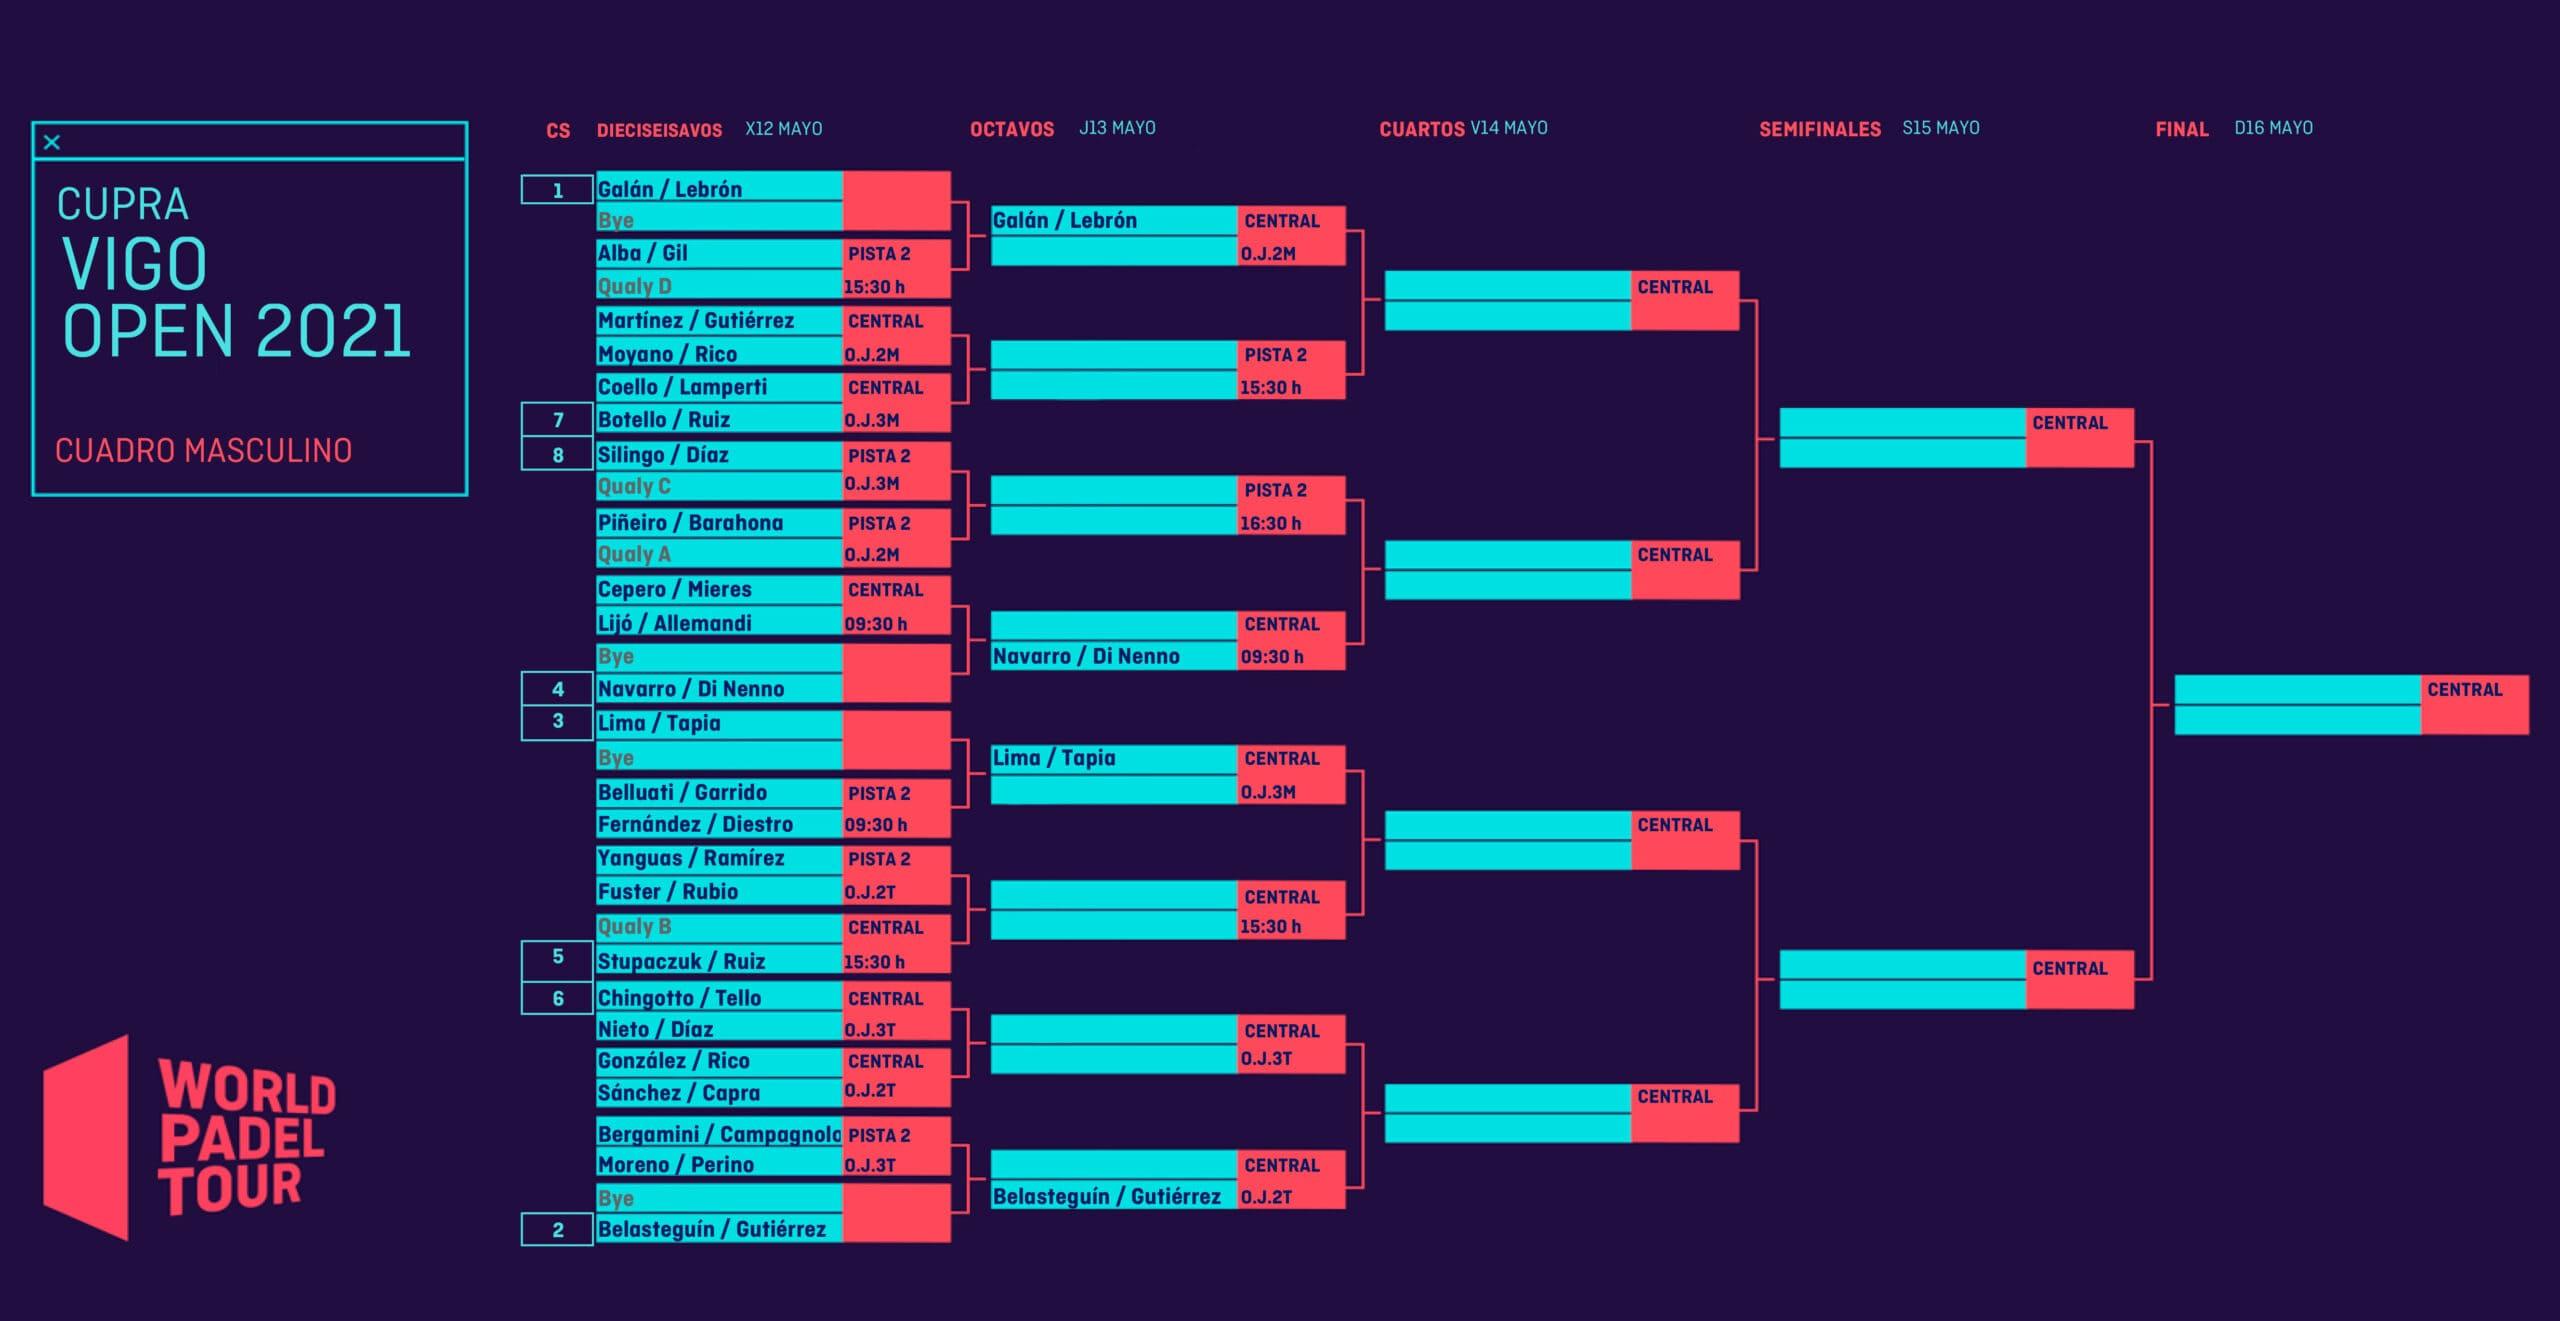 Cuadro final masculino del Cupra Vigo Open